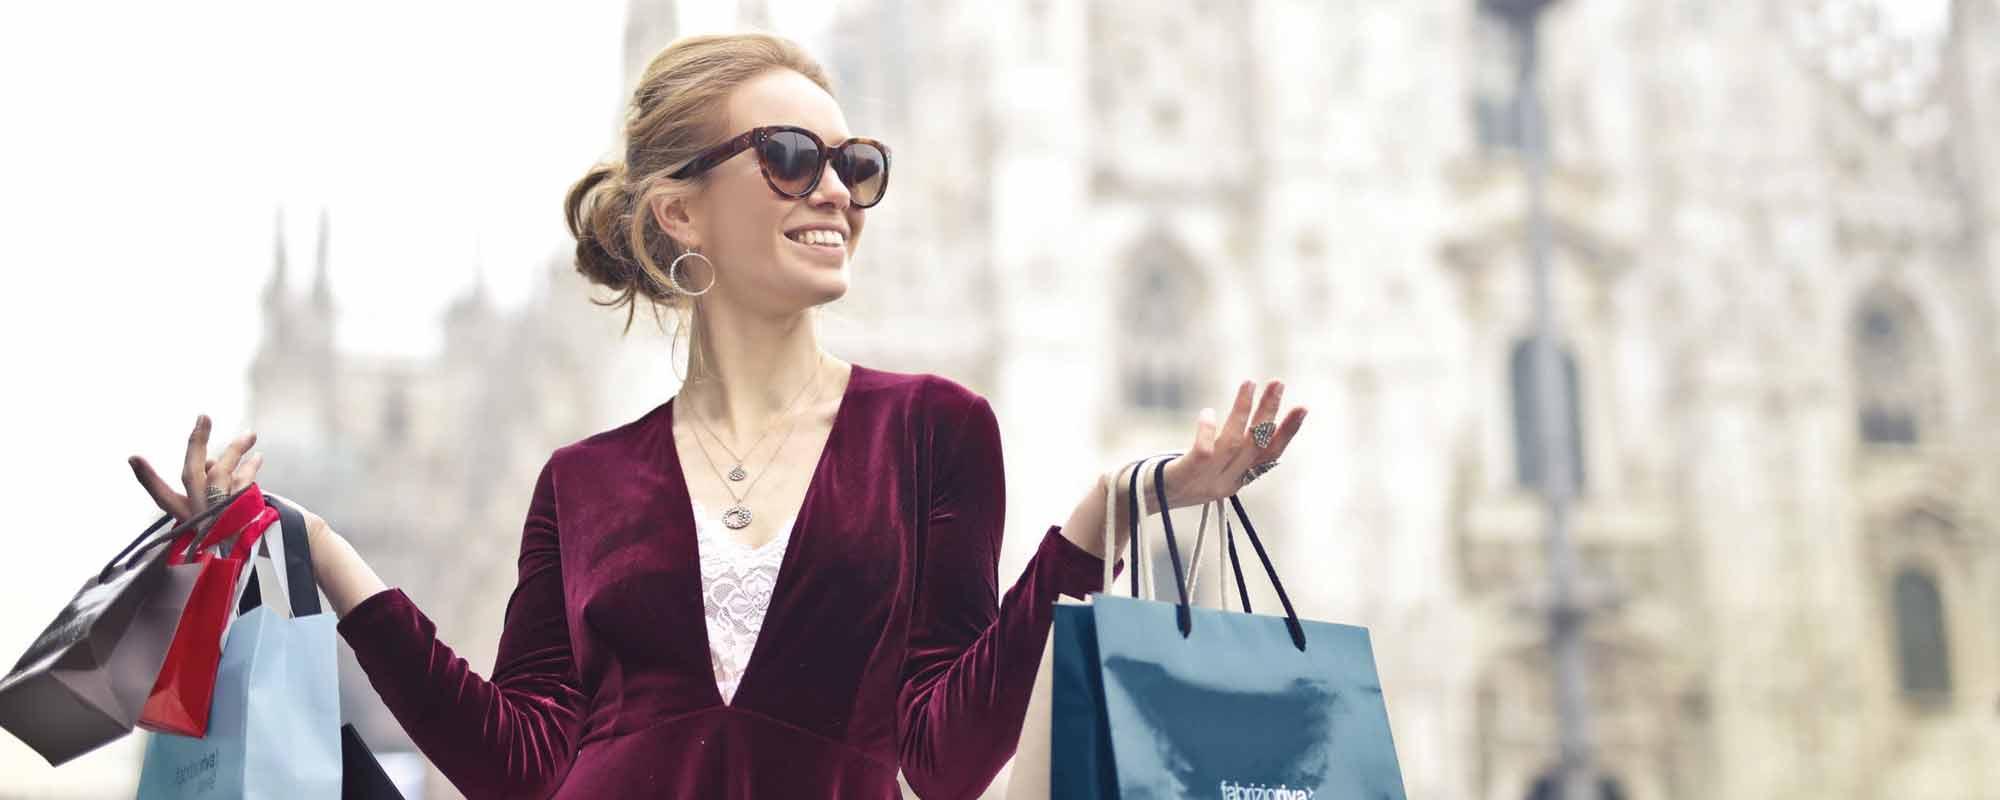 ✅ De beste Black Friday Nederland 2020 aanbiedingen en winkels op één site. Black Friday 2020 aanbiedingen, winkels en producten. Bekijk nu!